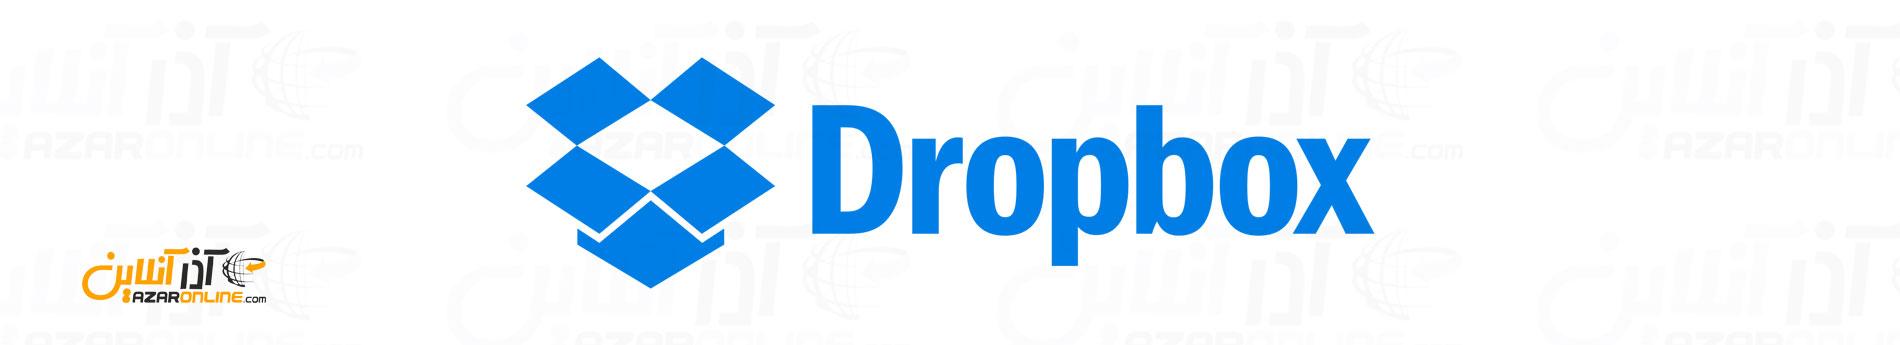 لوگو DropBox